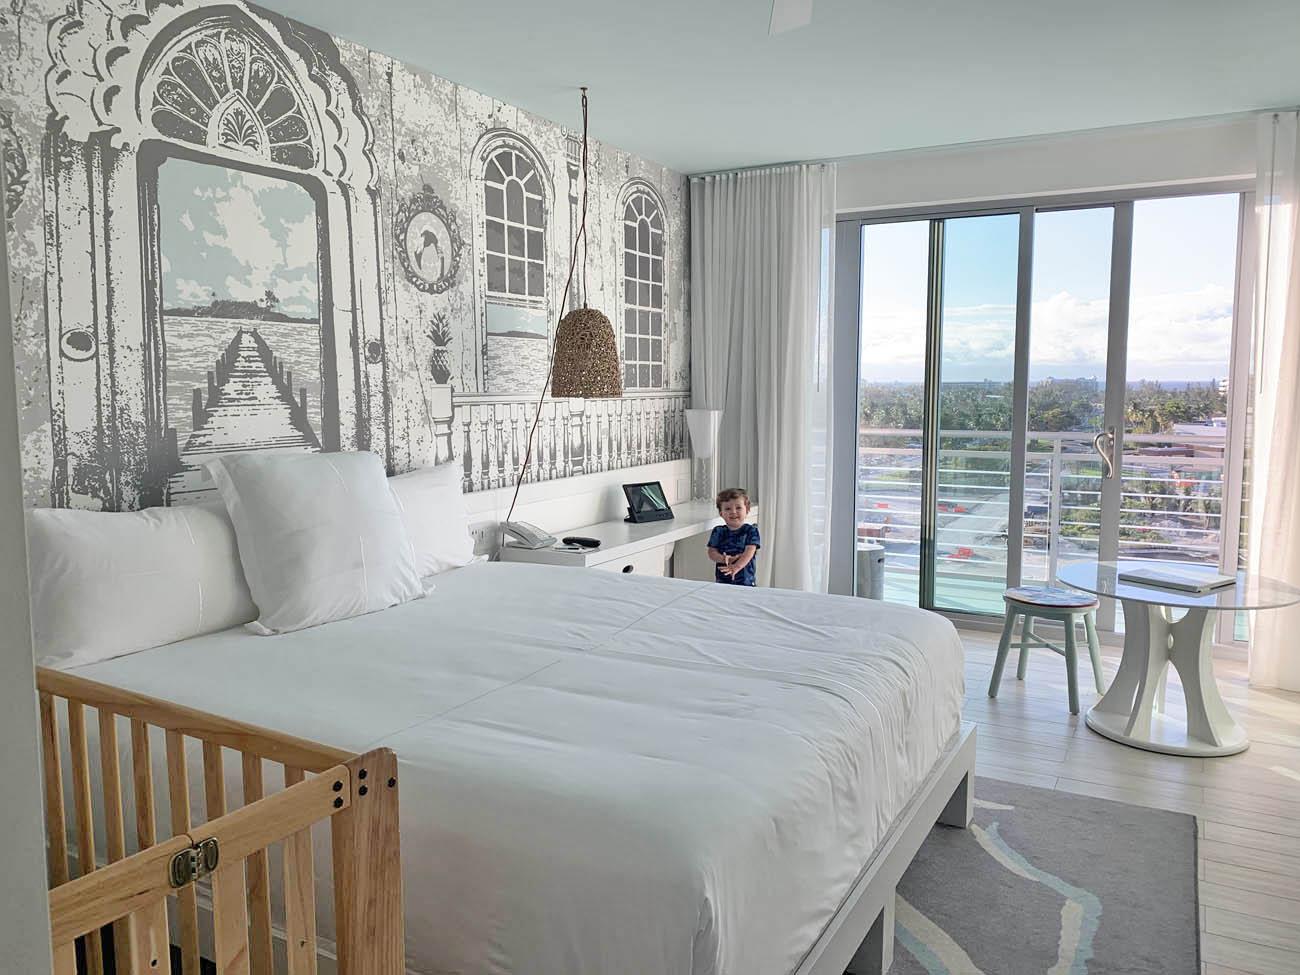 SLS Baha Mar - Nassau - Bahamas - where to stay